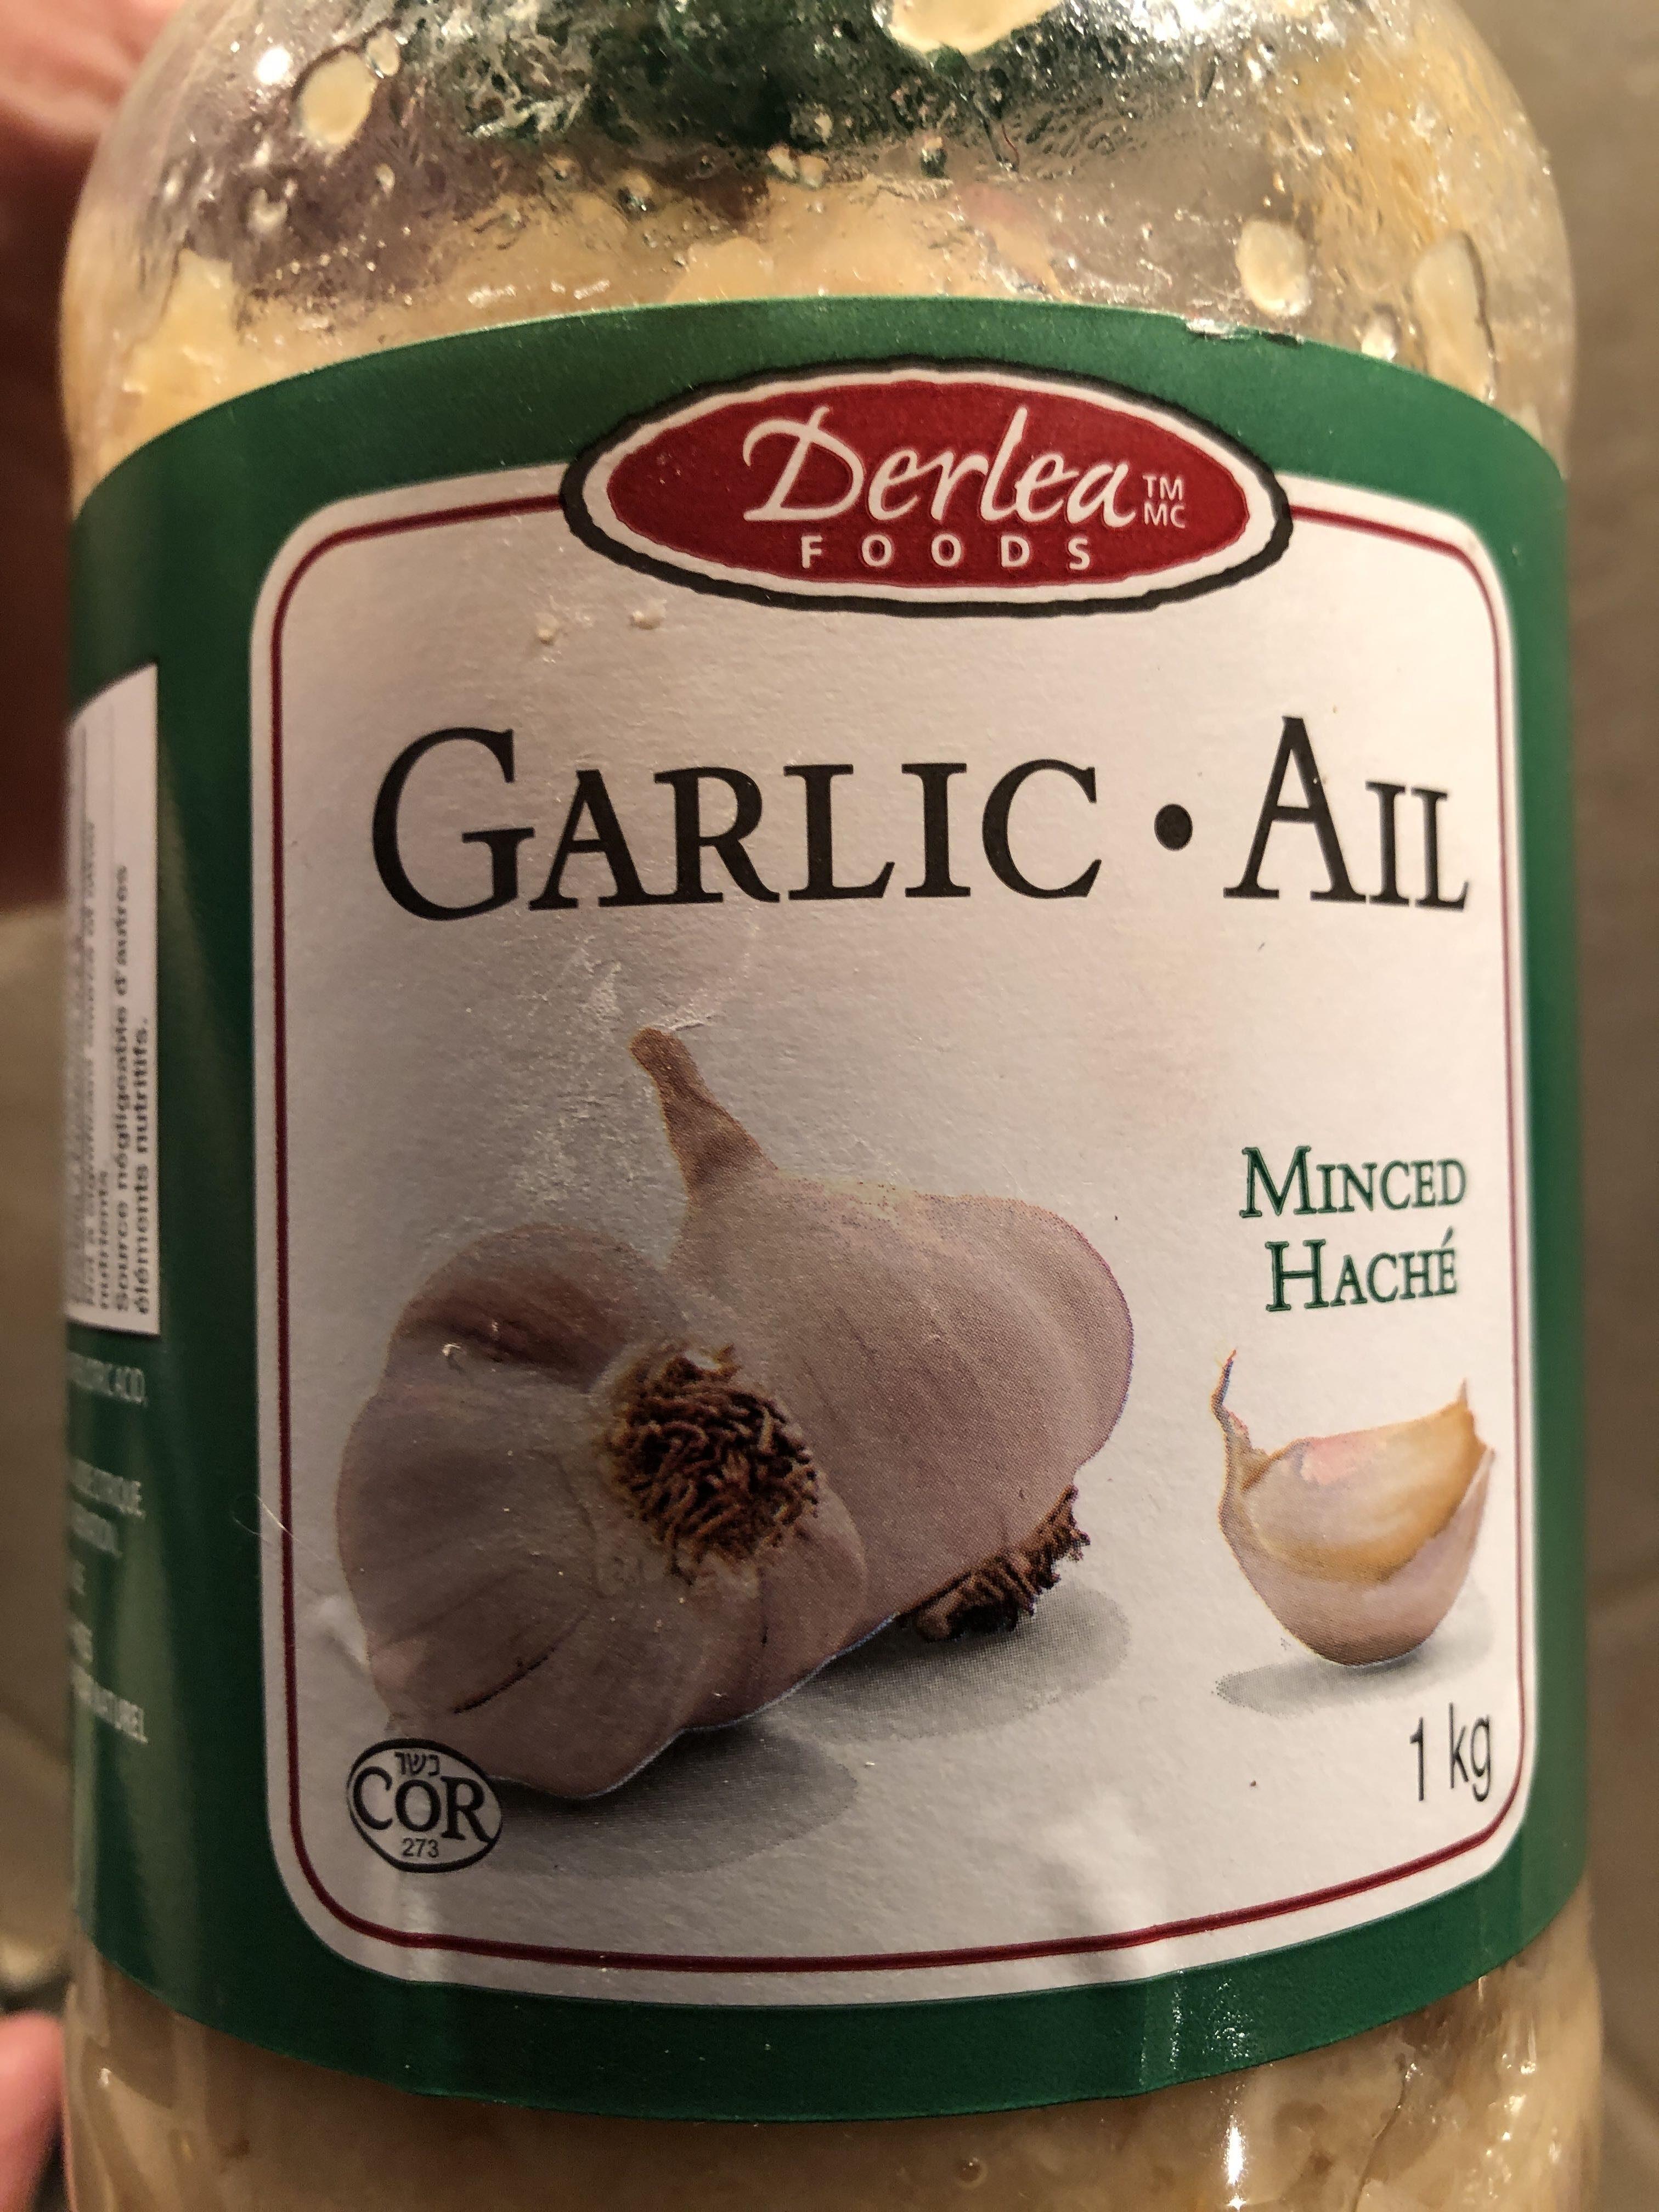 Garlic Ail - Product - fr